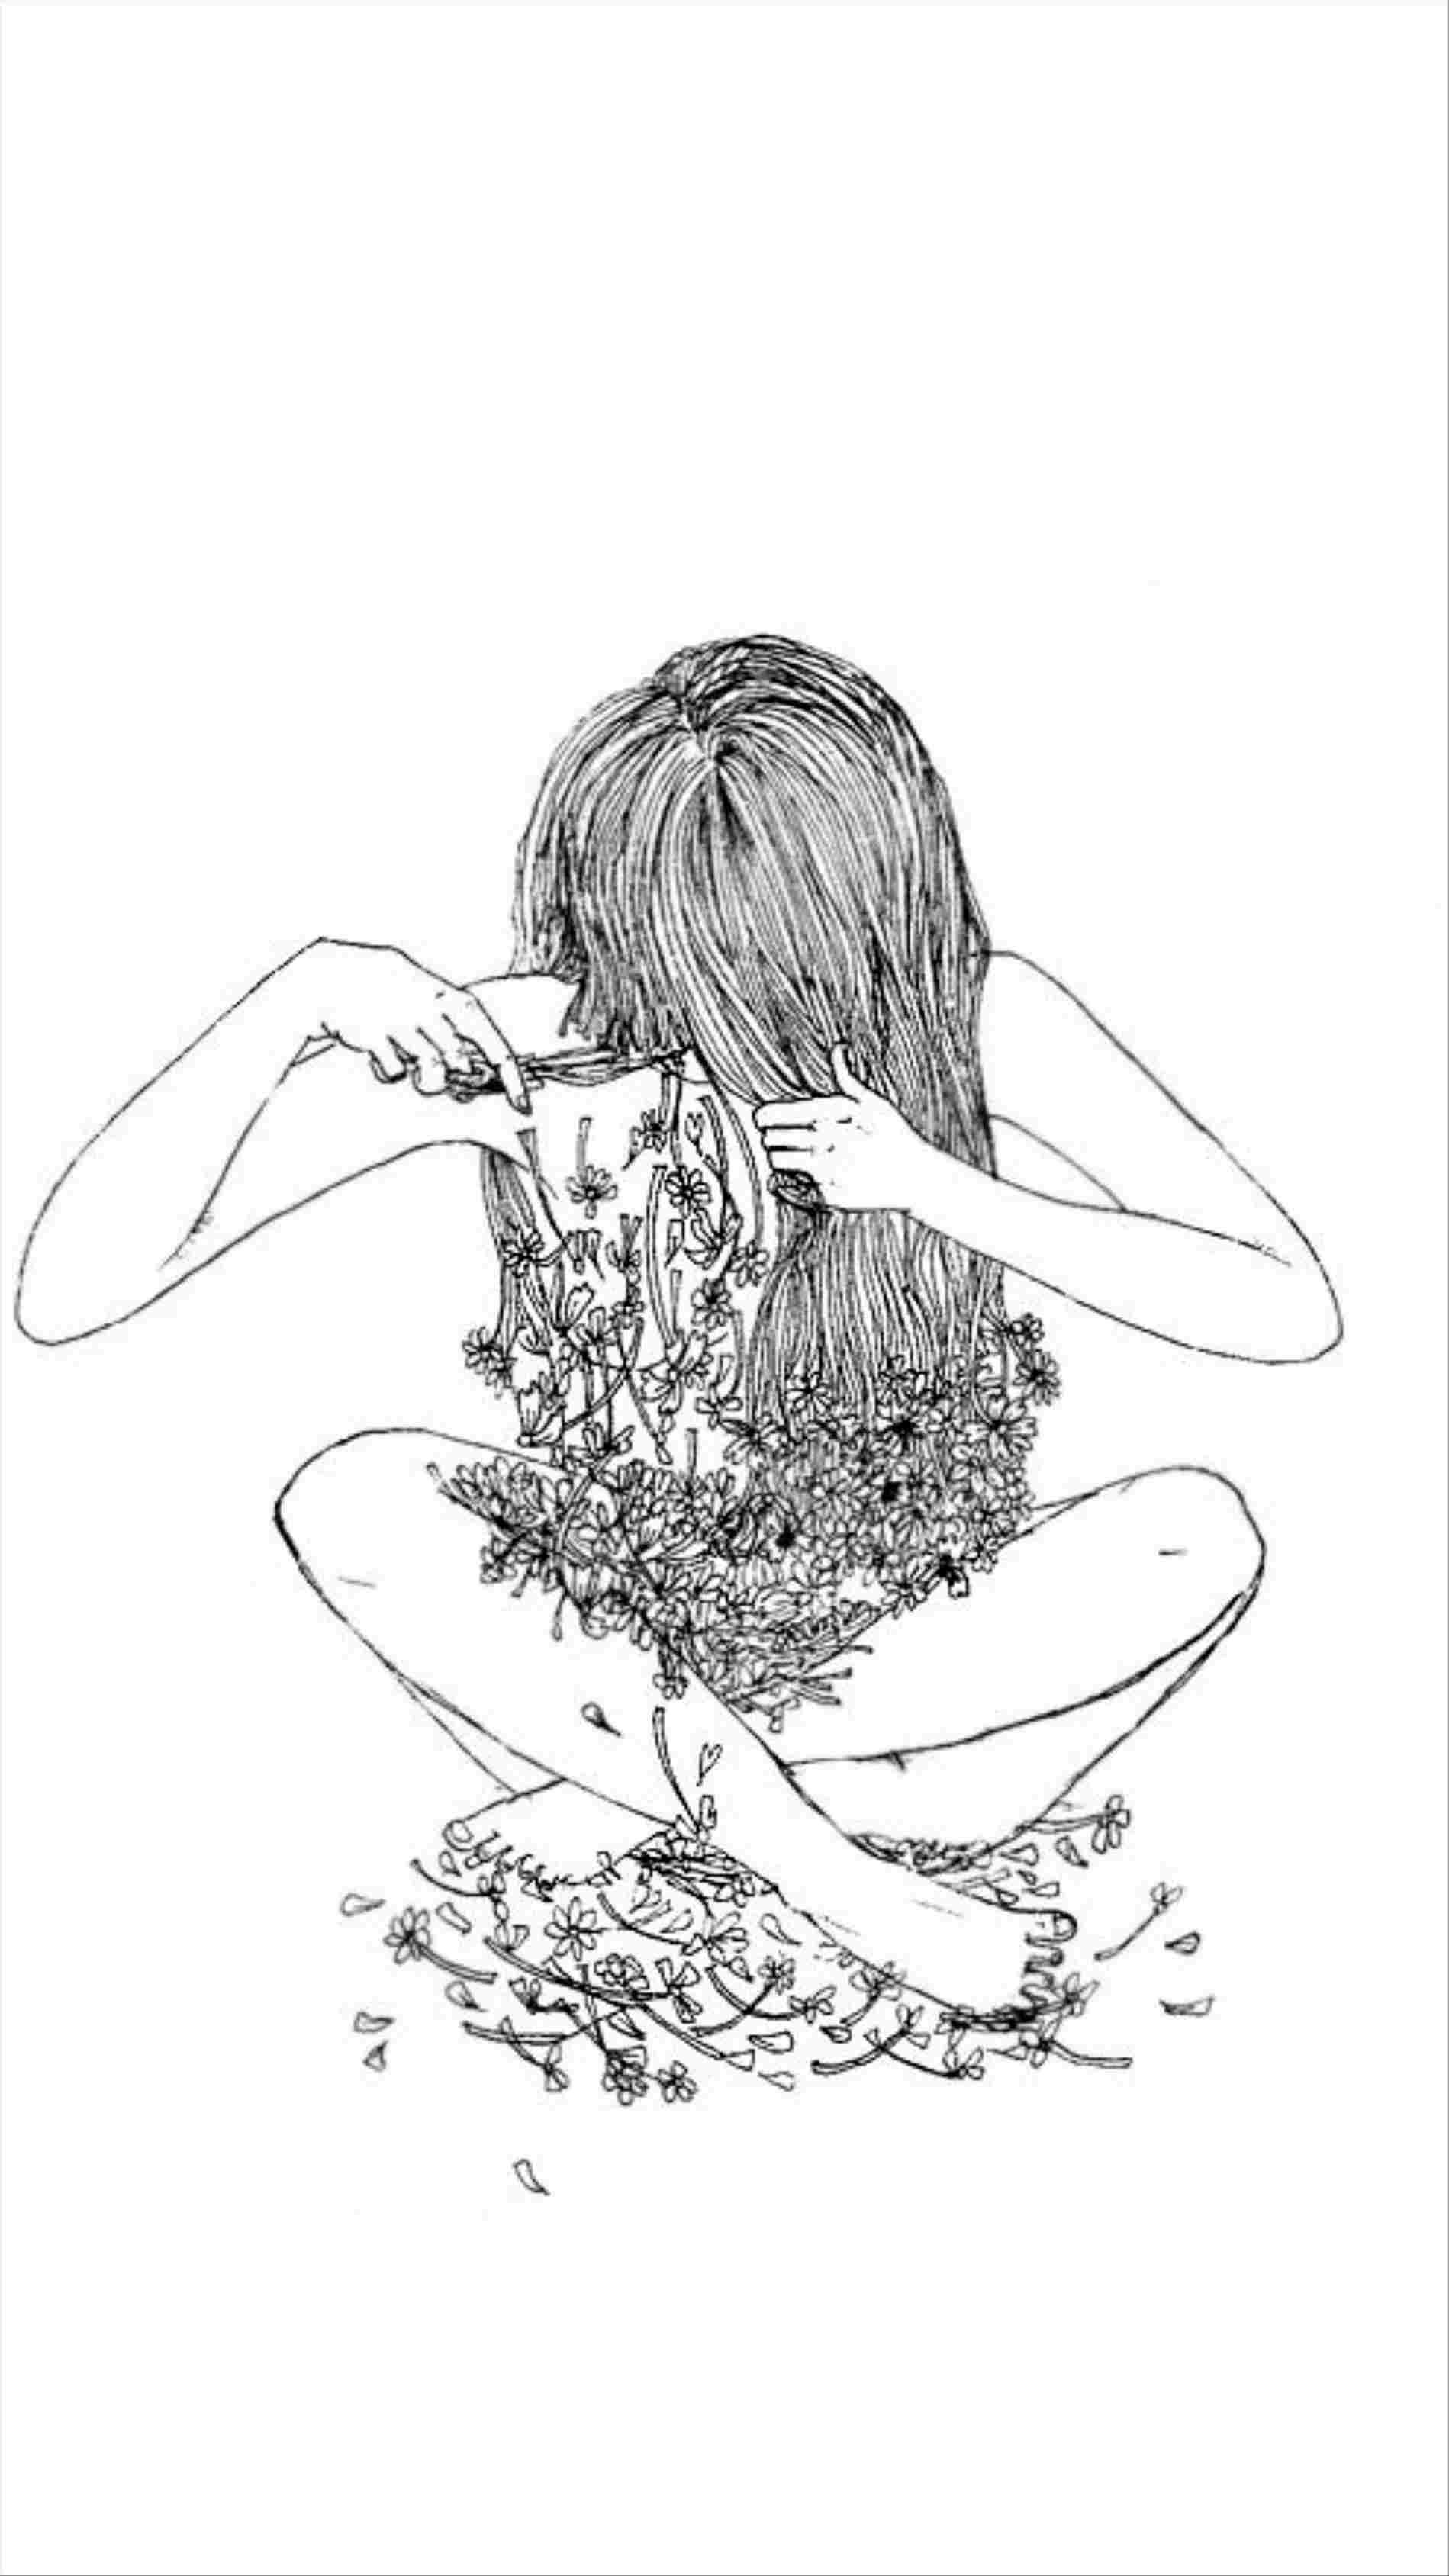 Hình nền 1899x3377 Cô gái Có Đôi cánh Vẽ Tumblr Dễ thương Cảm xúc Thẩm mỹ